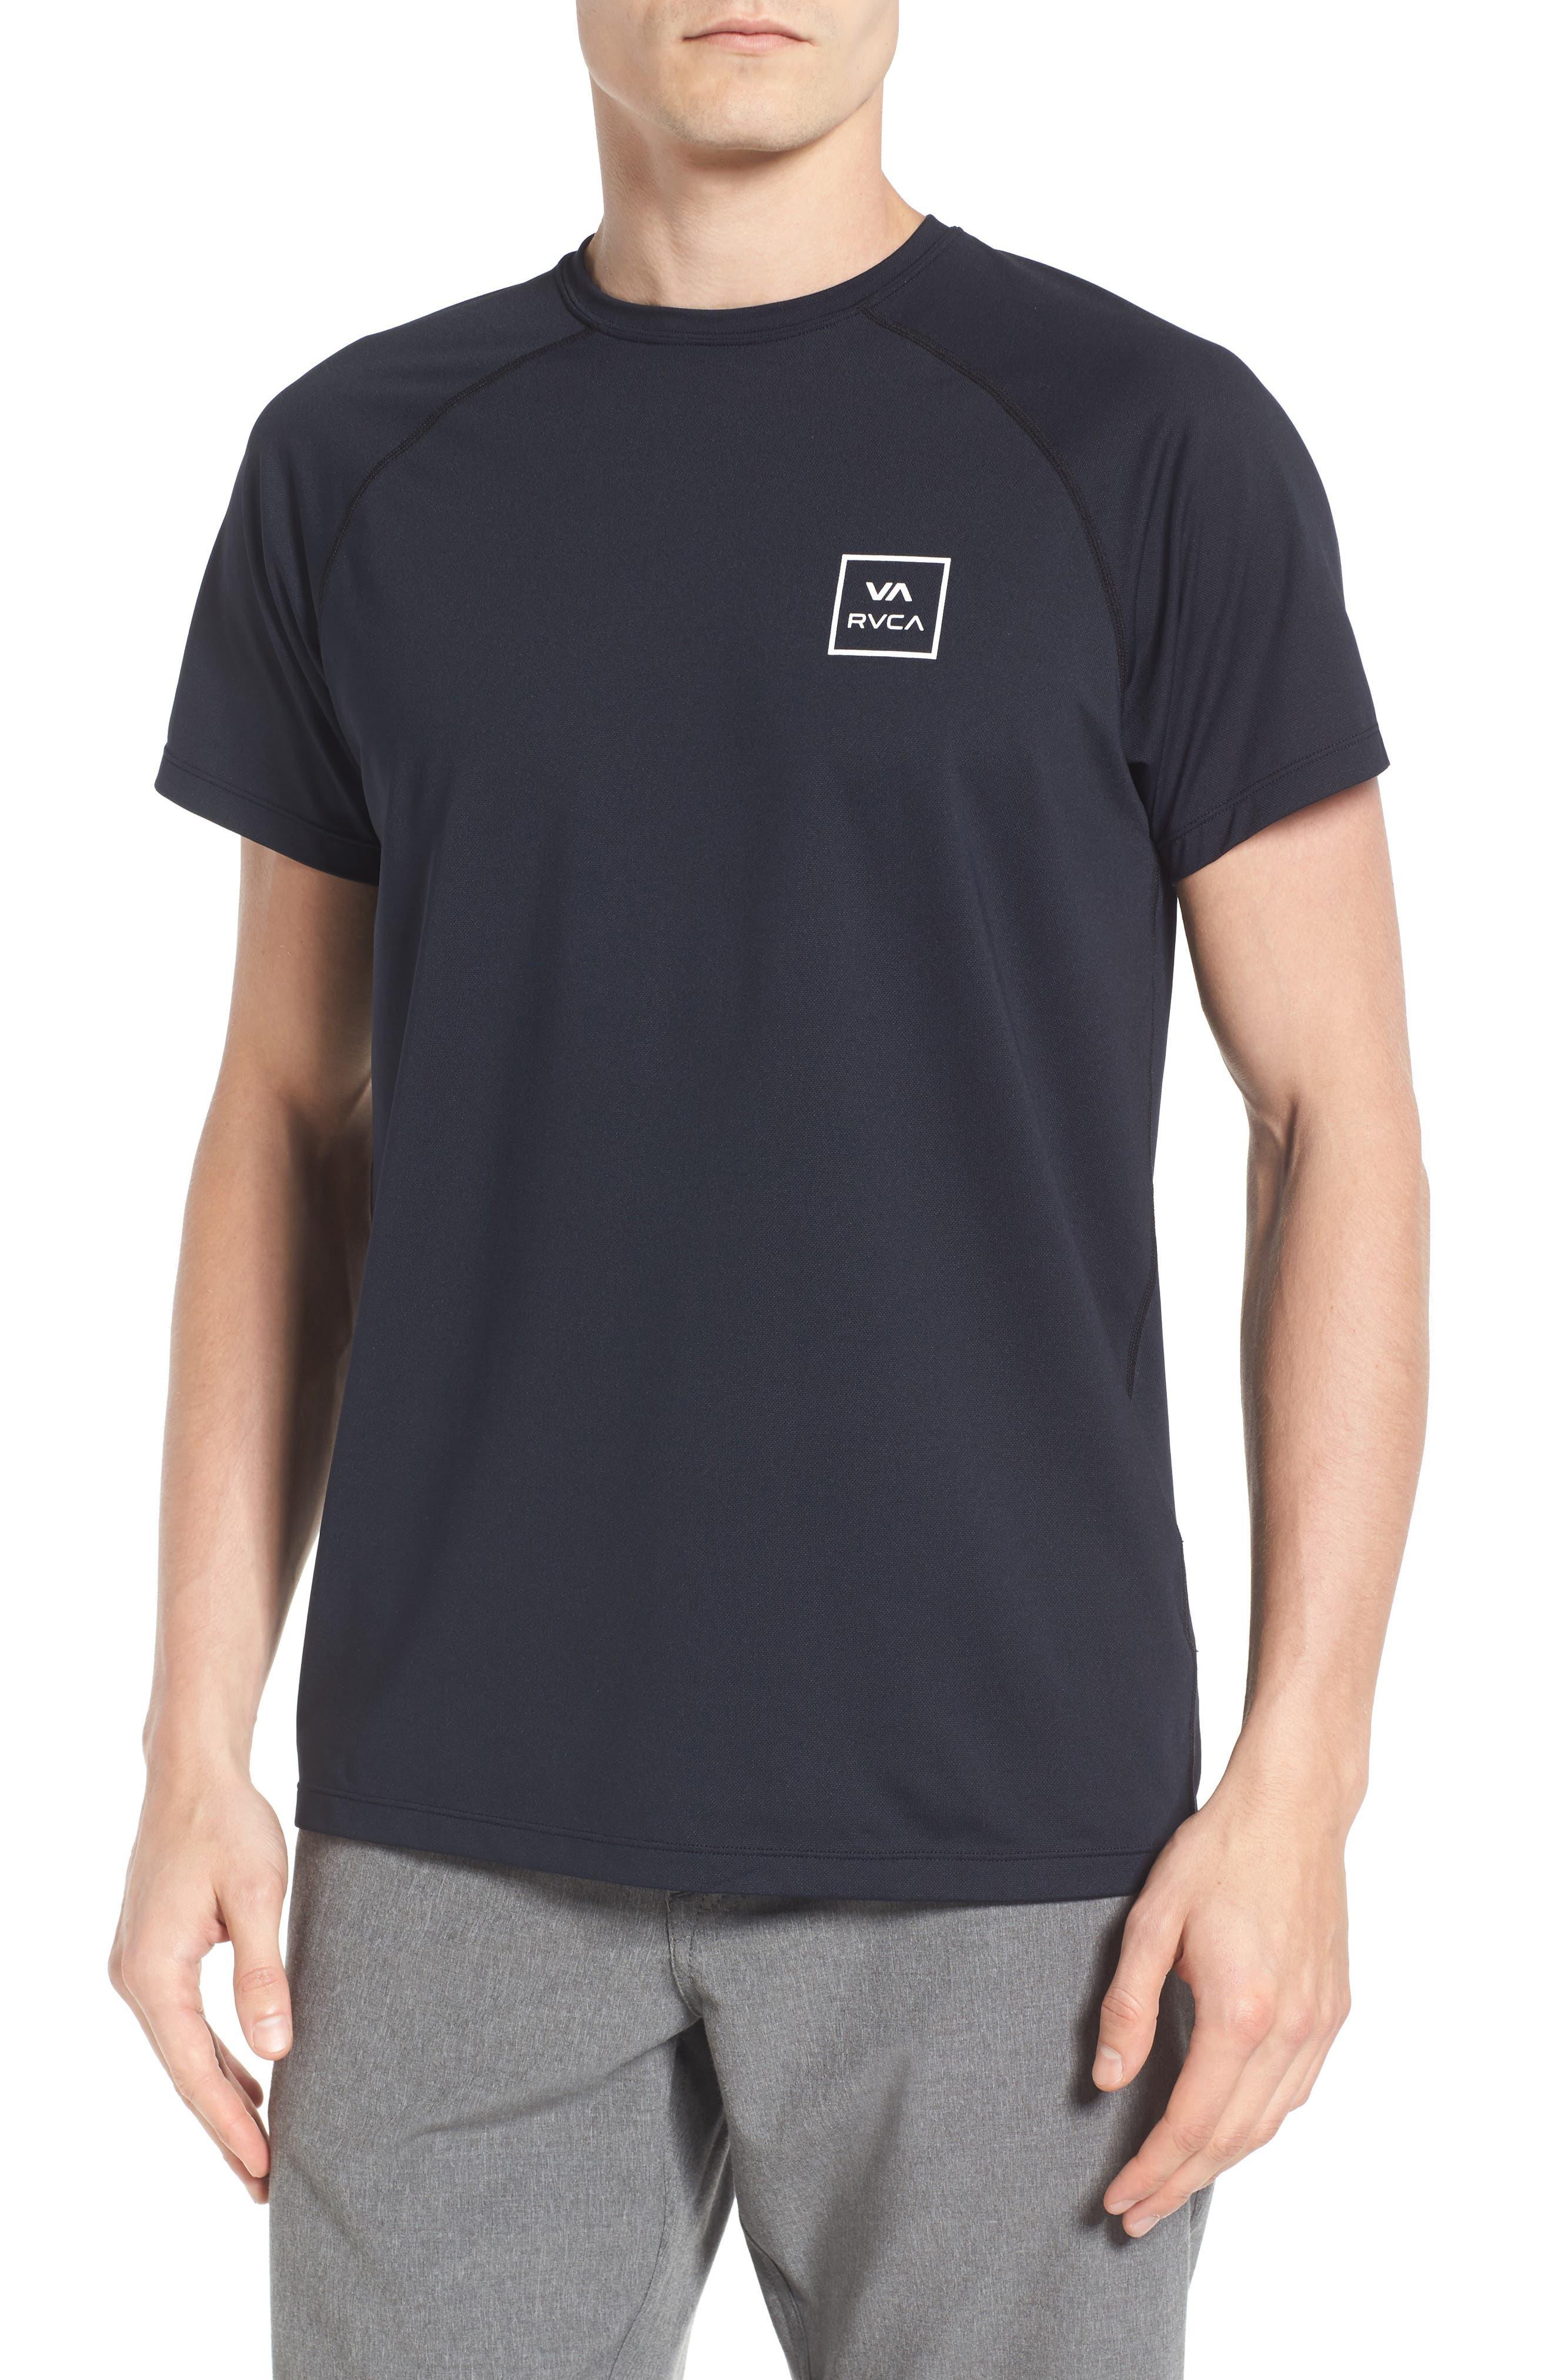 VA All the Way Surf T-Shirt,                             Main thumbnail 1, color,                             001